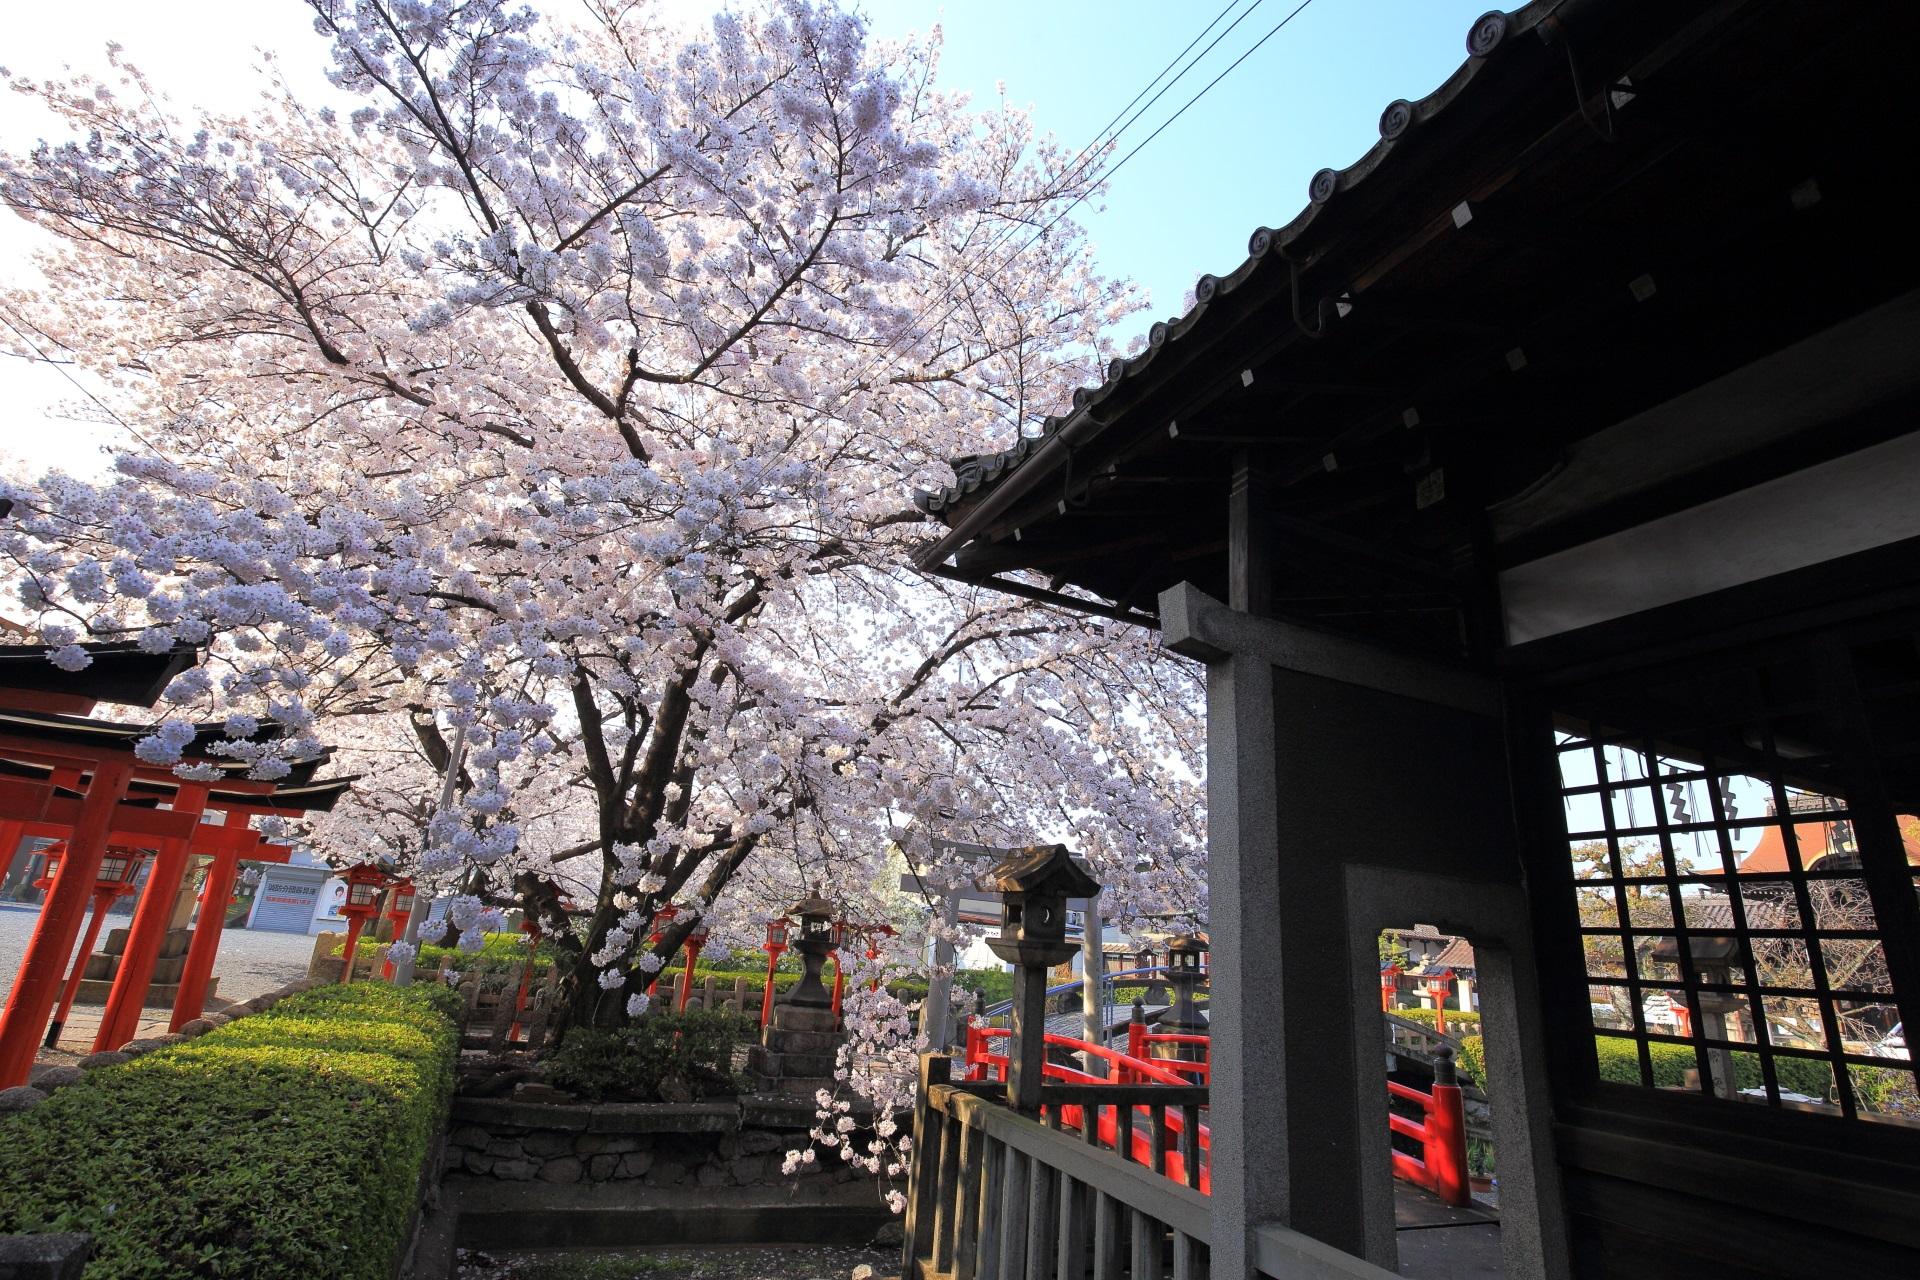 六孫王神社の弁天堂付近から眺めた桜